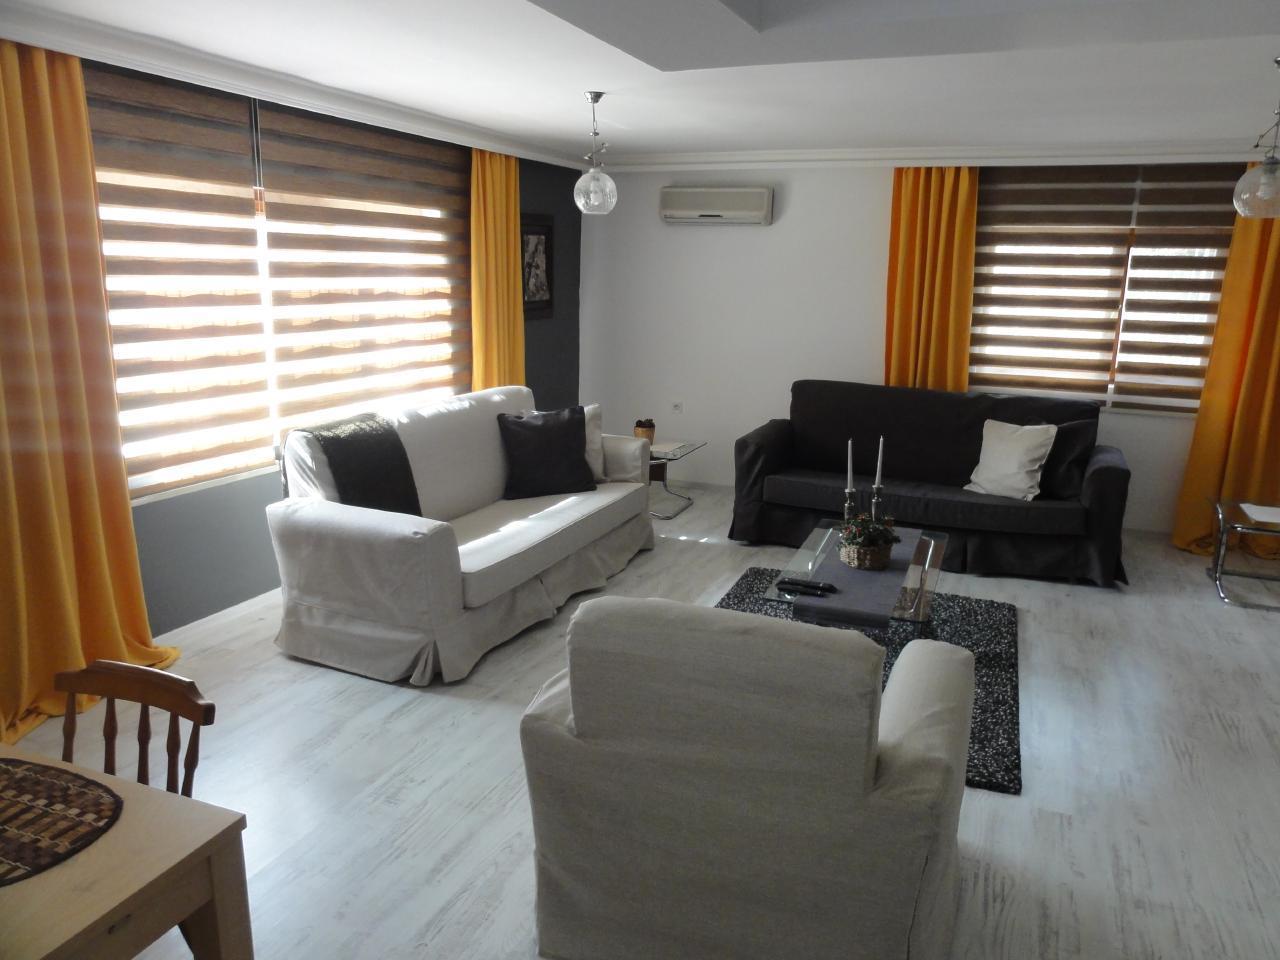 Ferienwohnung Evodak Apartment D 2 (1710501), Balgat, , Zentralanatolien, Türkei, Bild 9